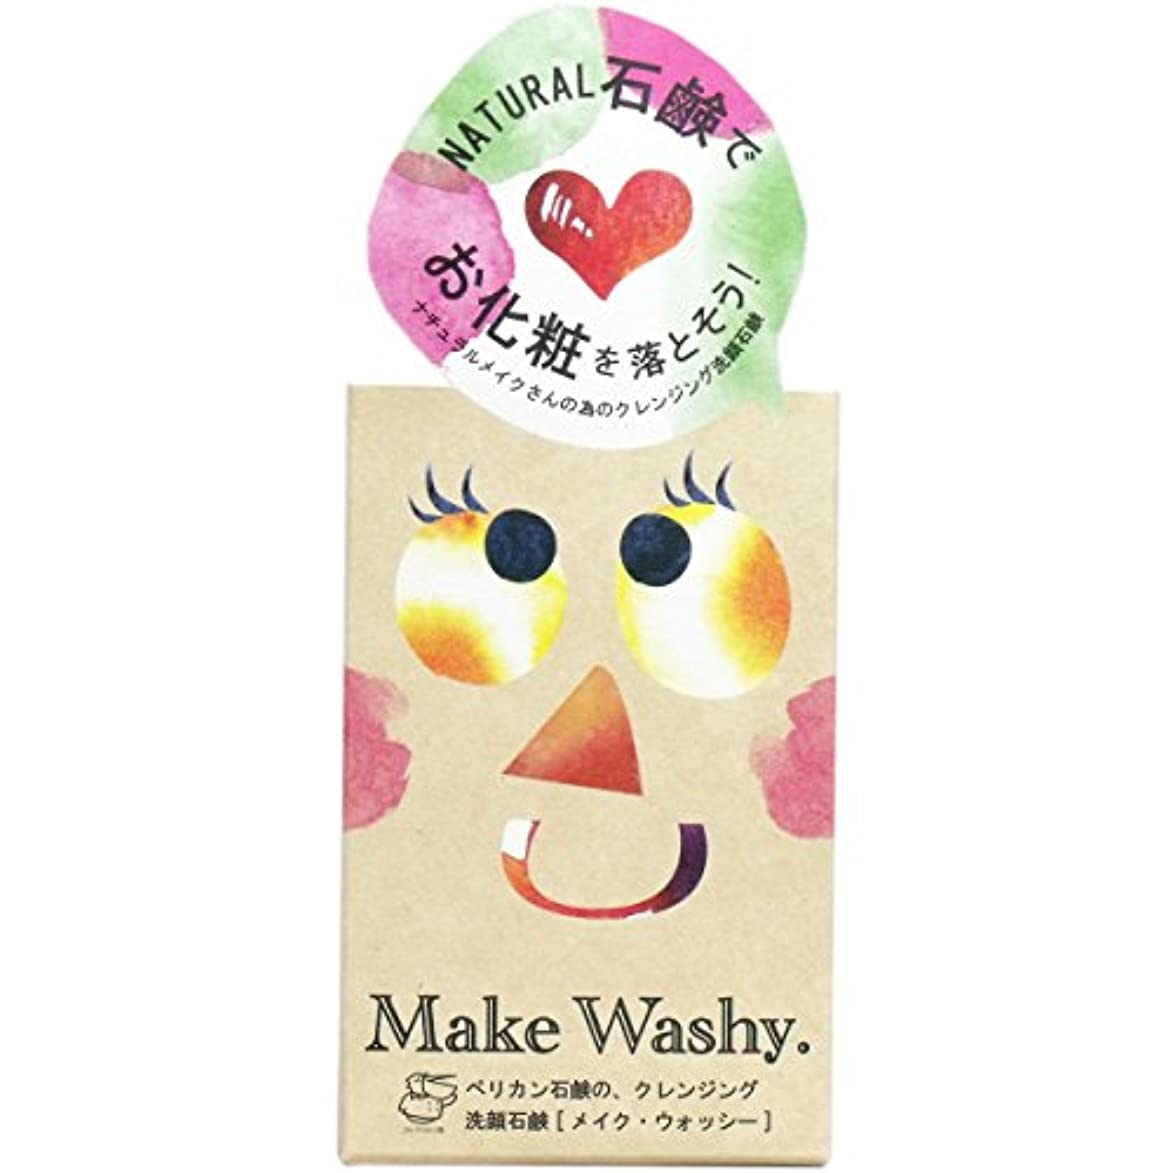 証明書外交官パン【まとめ買い】メイクウォッシー 洗顔石鹸【×2個】